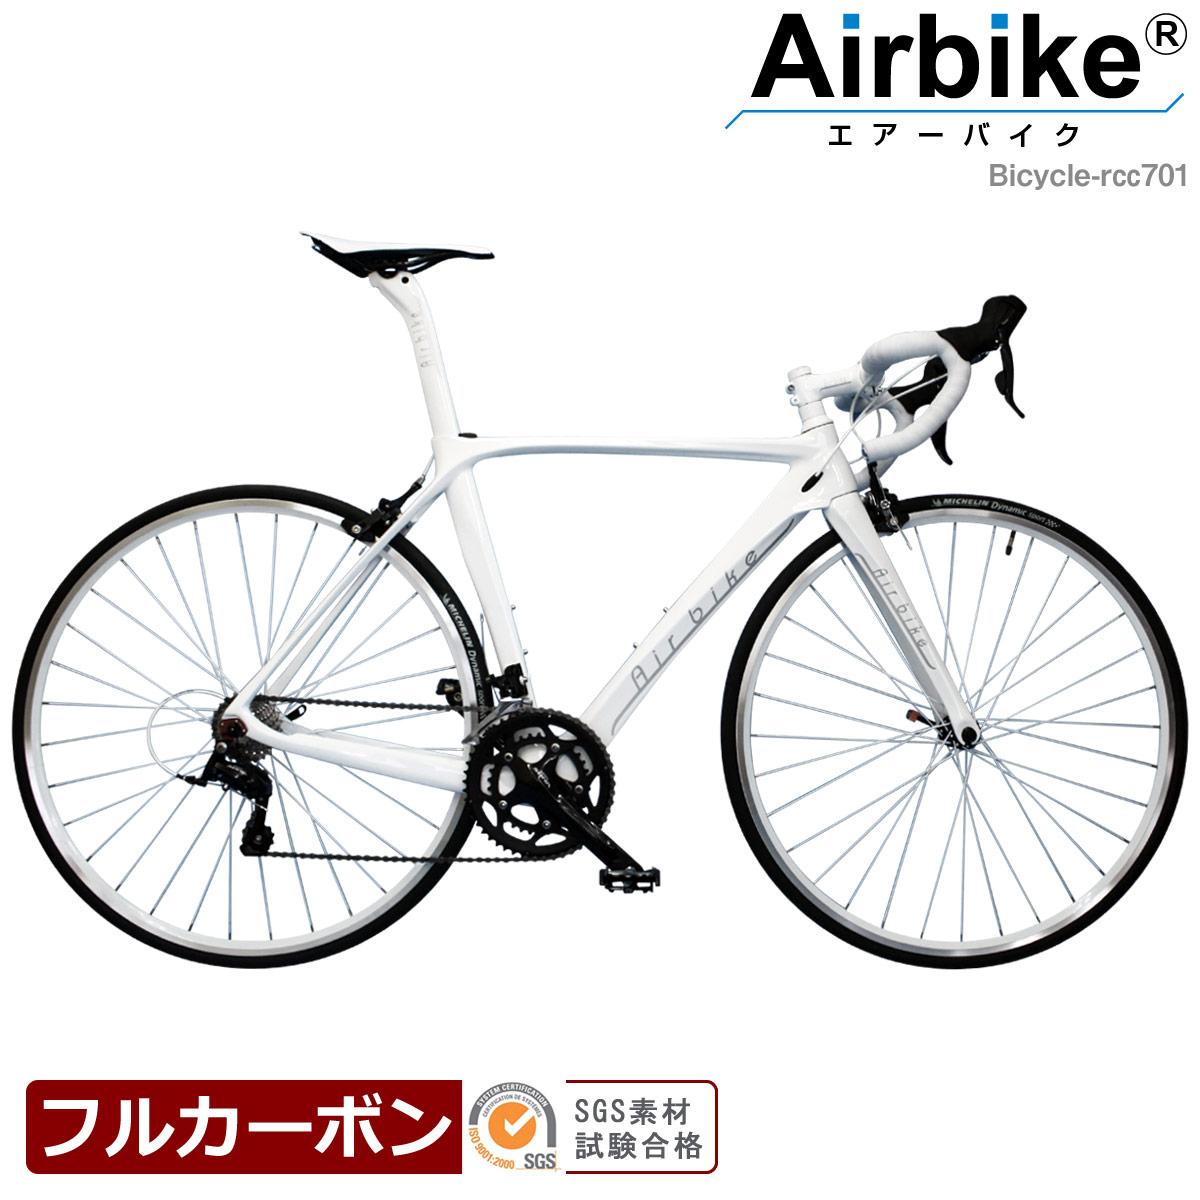 東京 グラン バイク メゾン グランメゾン東京で尾花(キムタク)のヘルメットの種類や値段は?